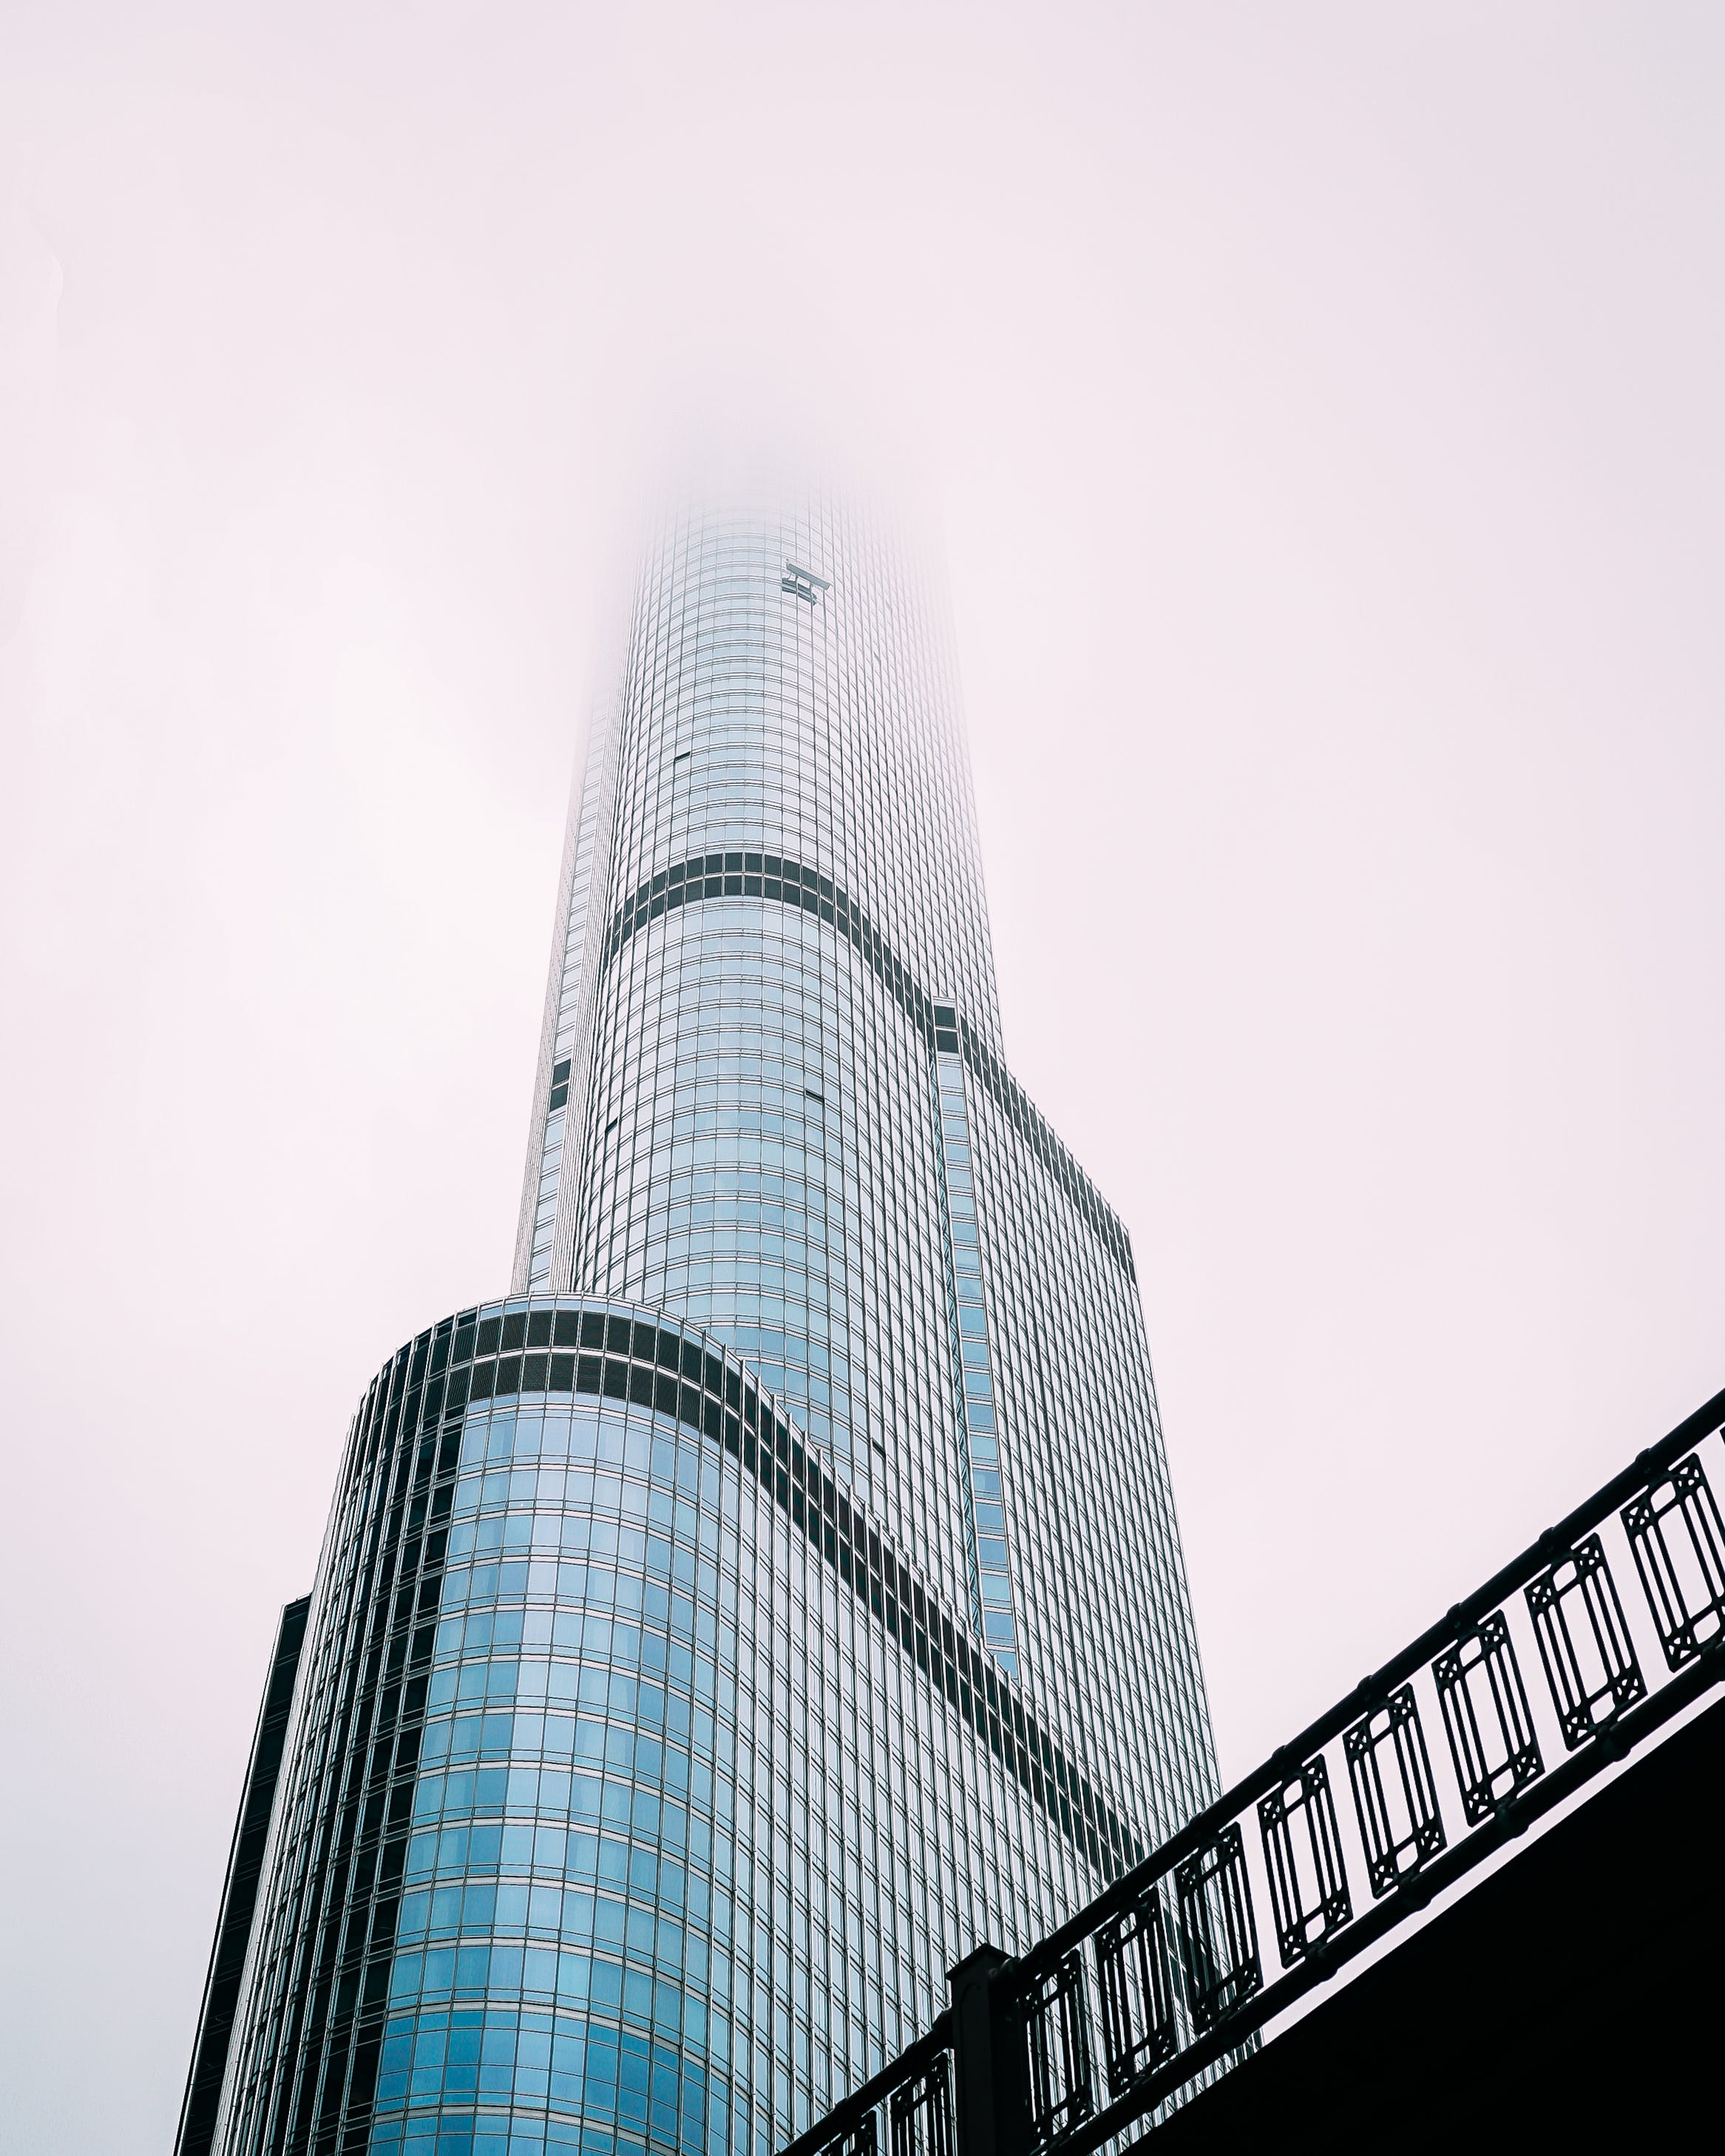 bakış açısı, bina, bulut, bulutlu içeren Ücretsiz stok fotoğraf